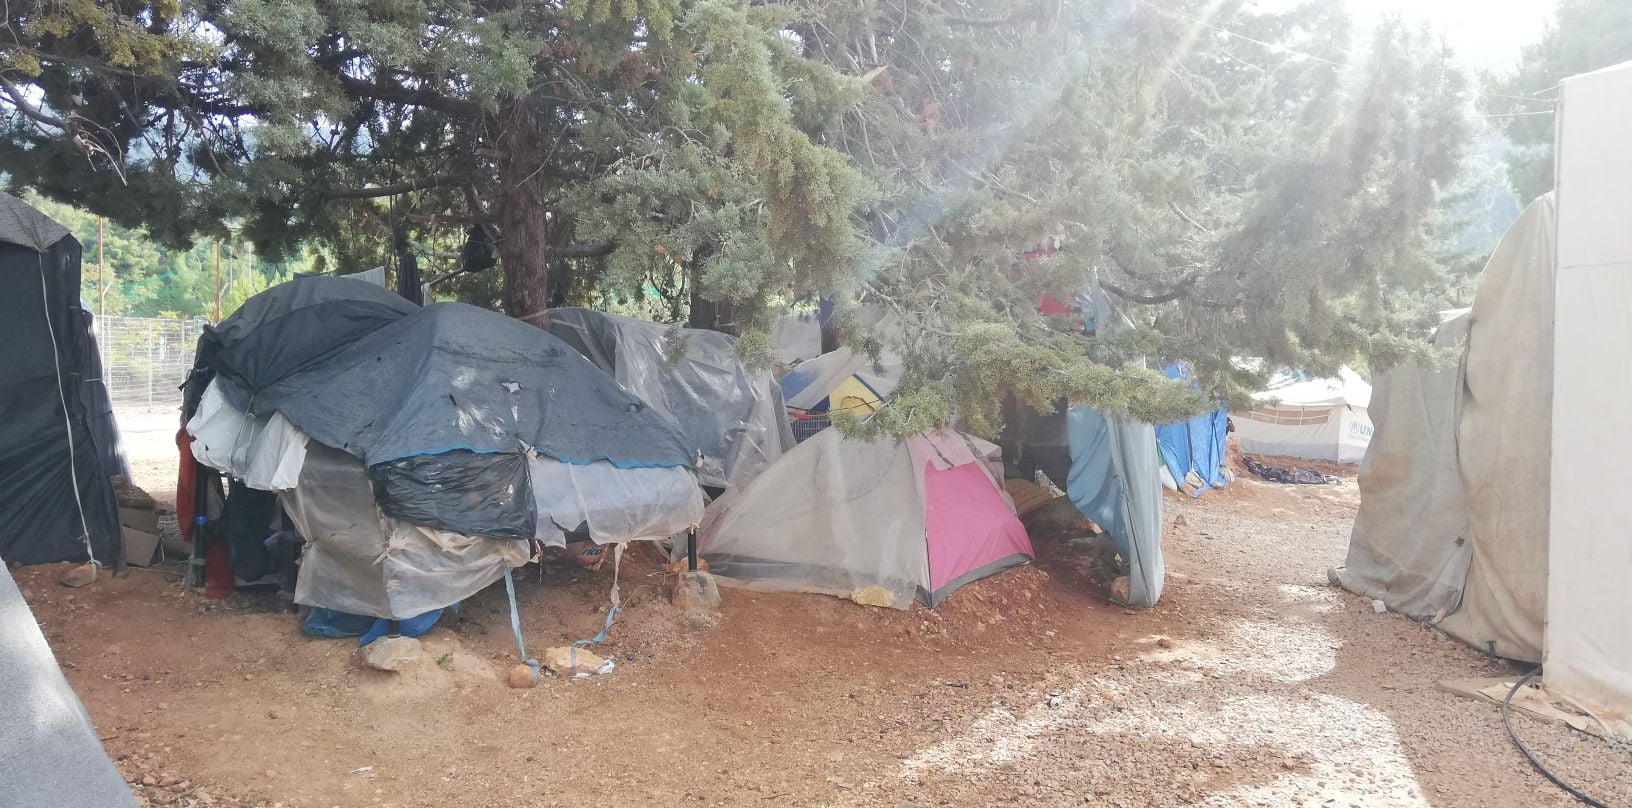 Ανταπόκριση από το camp προσφύγων στη Μαλακάσα